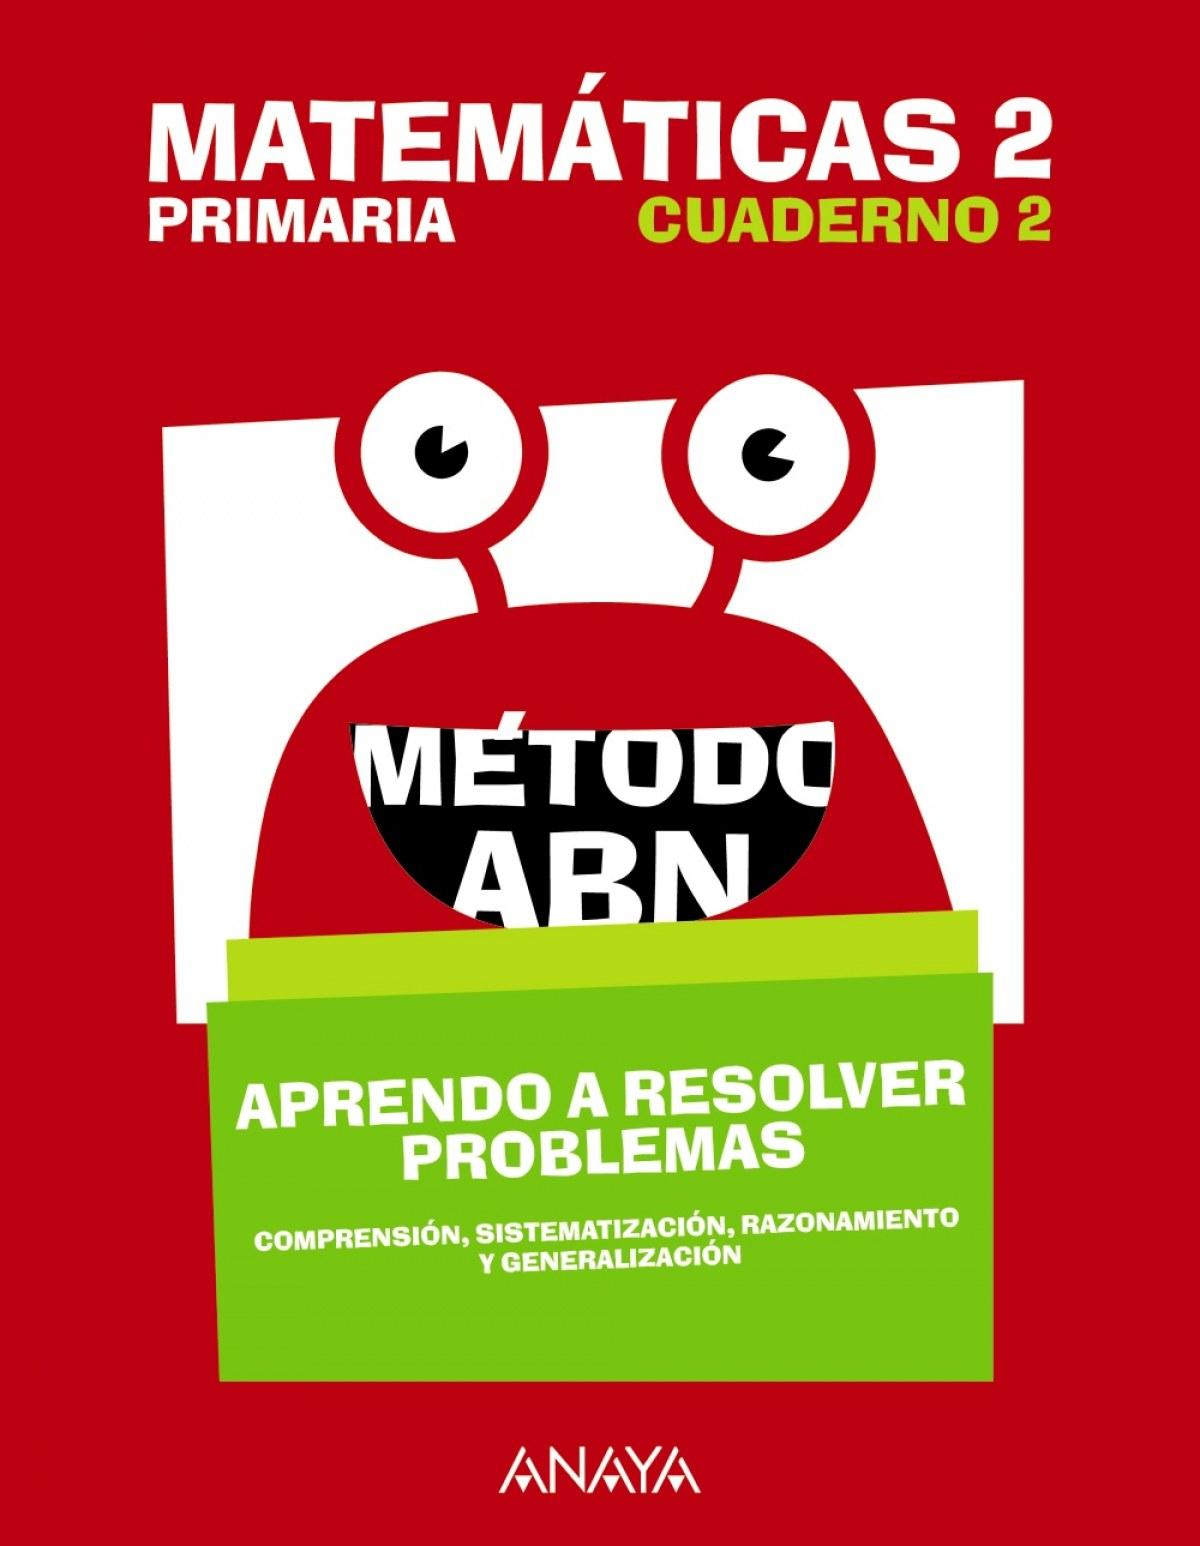 APRENDO A RESOLVER PROBLEMAS 2.2